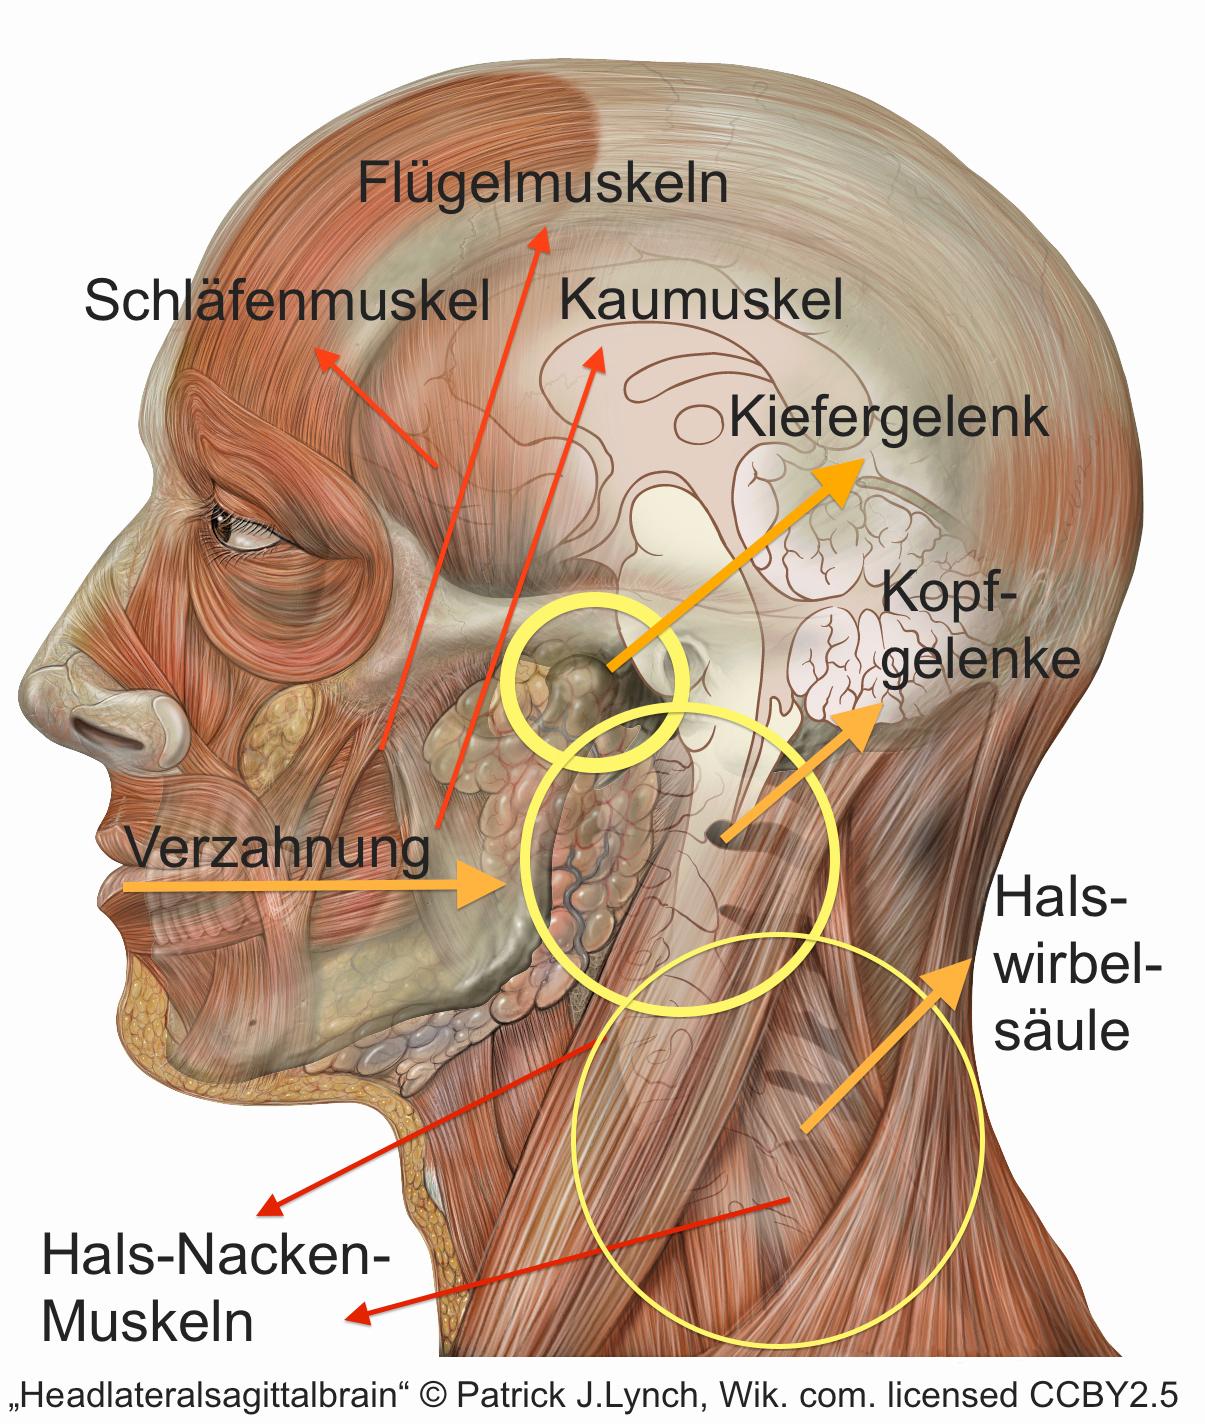 Großzügig Anatomie Der Hals Und Nacken Bilder Zeitgenössisch ...